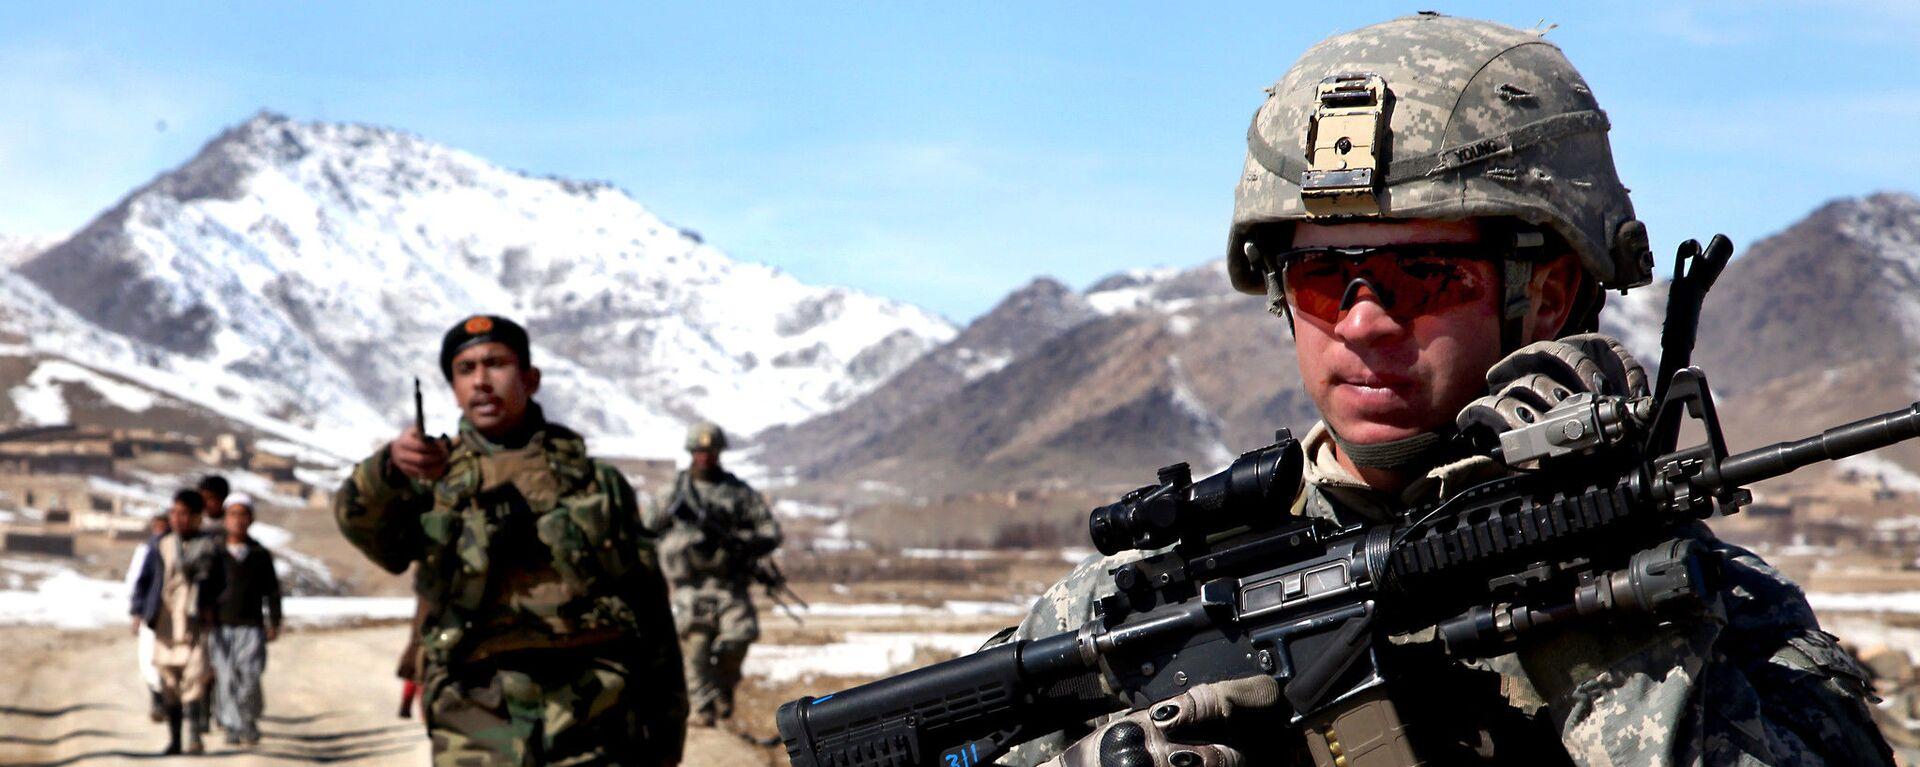 Un soldato dell'esercito degli Stati Uniti pattuglia con soldati afghani per verificare le condizioni nel villaggio di Yawez nella provincia di Wardak, Afghanistan, 17 febbraio 2010 - Sputnik Italia, 1920, 05.07.2021